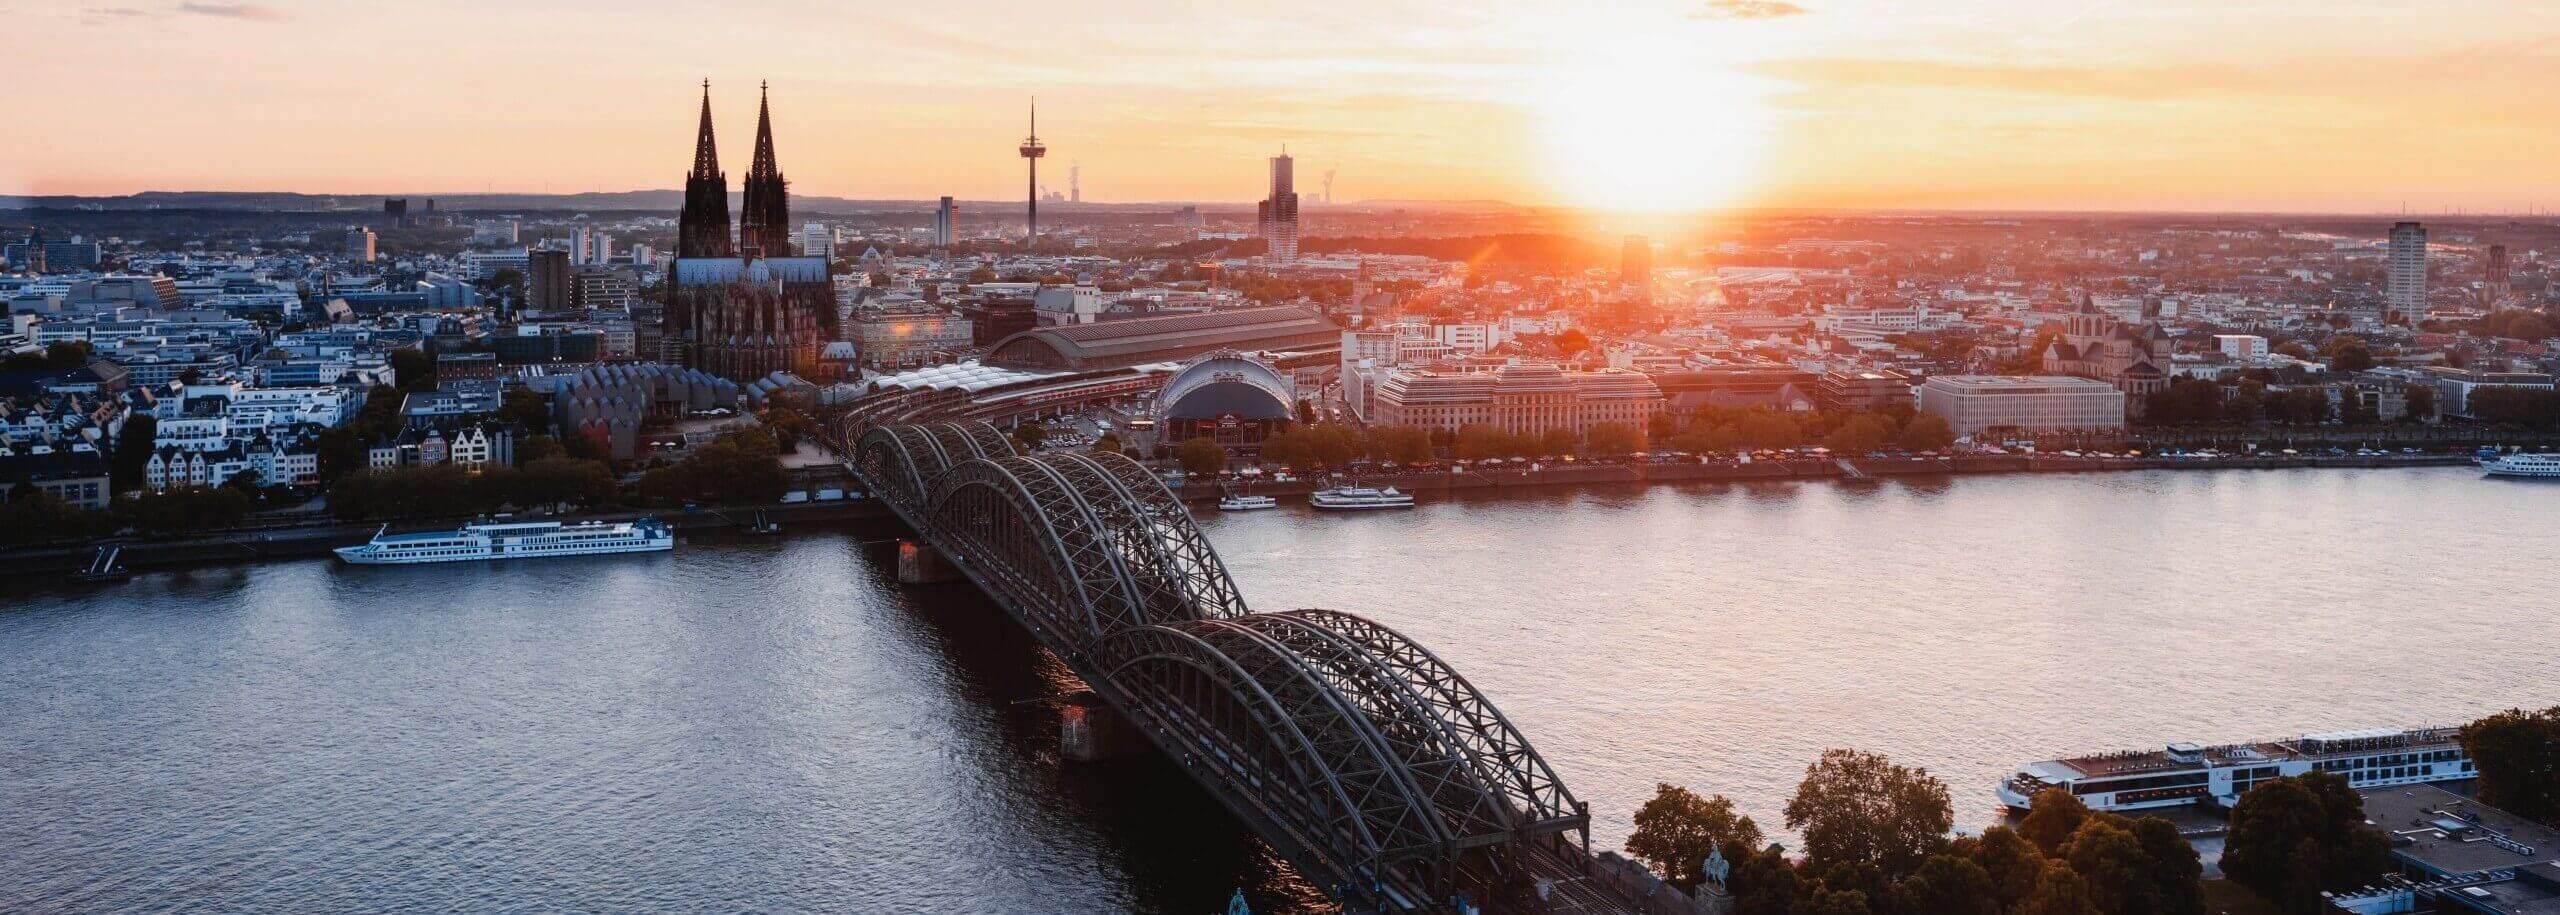 Suipervision Köln Kompass Berufliche Supervision